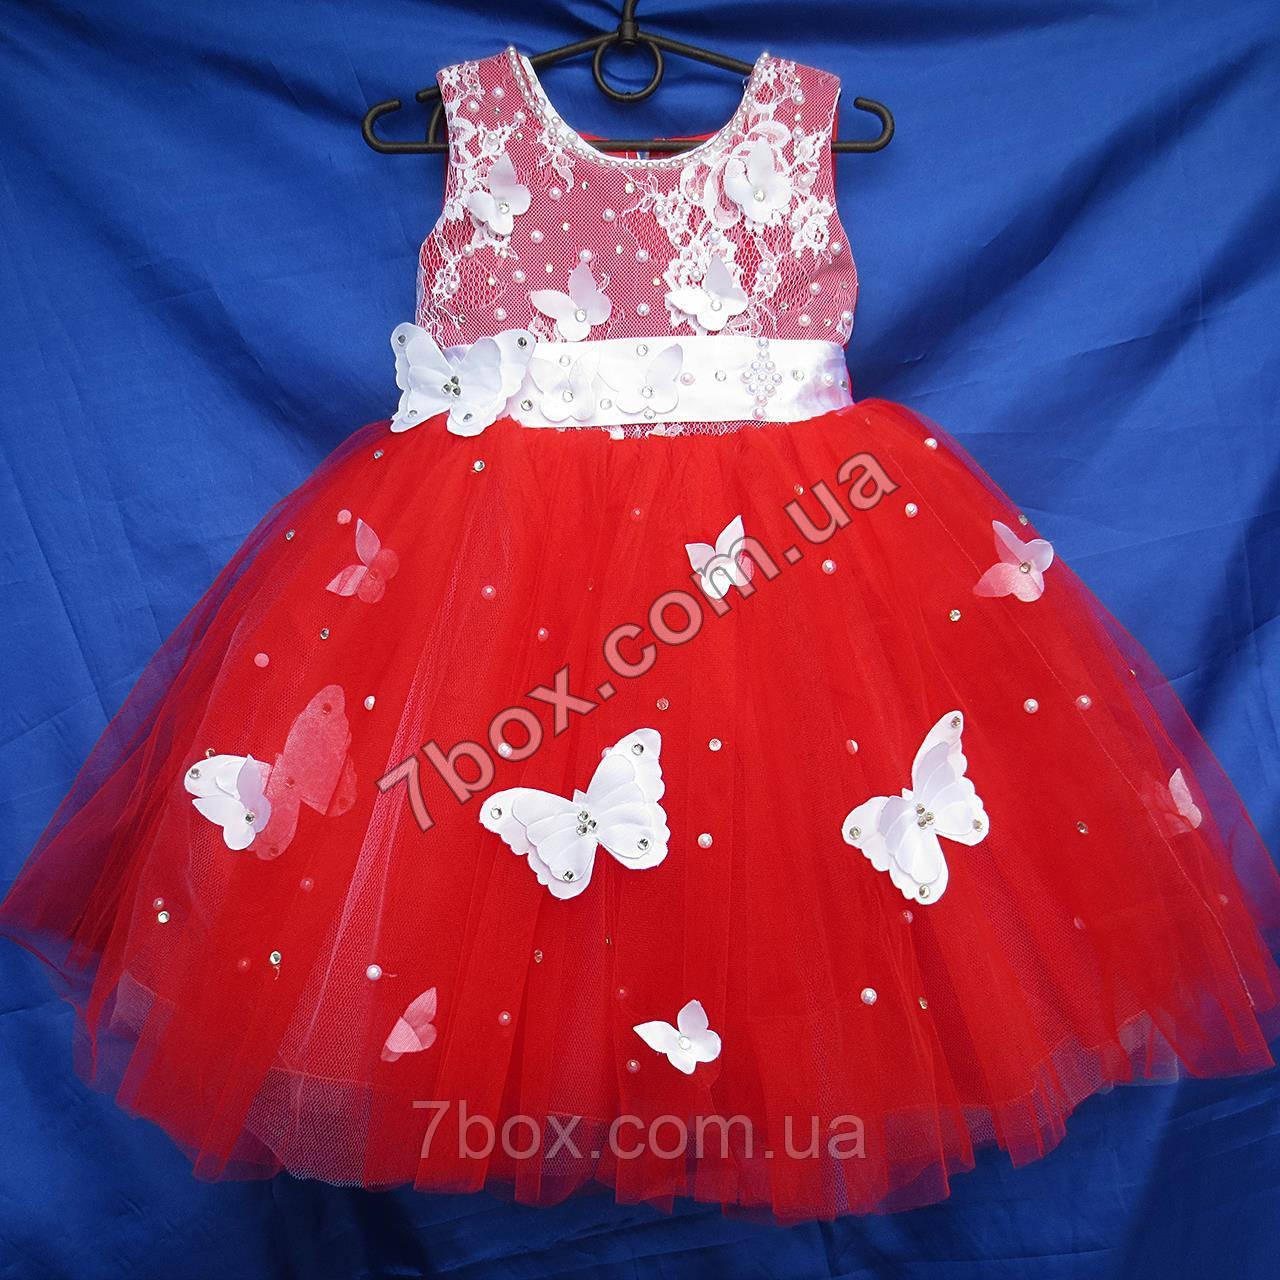 Детское платье бальное 3-4 г. С бабочками (красное)